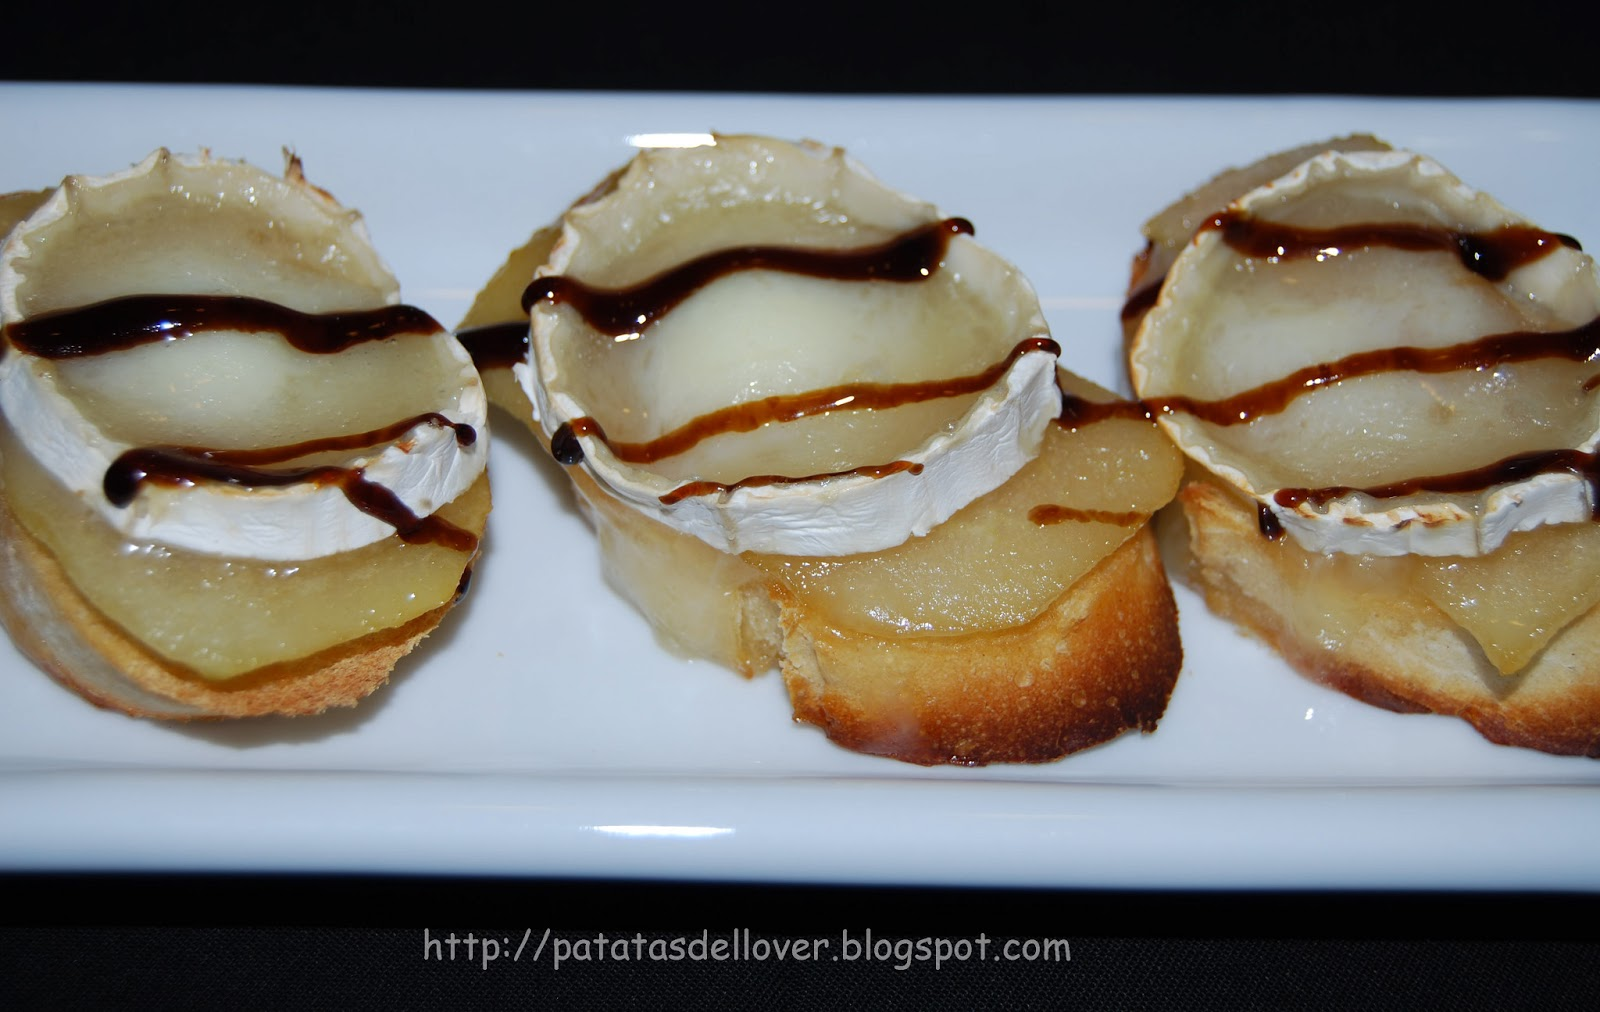 patatas de llover canap de queso de cabra y pera